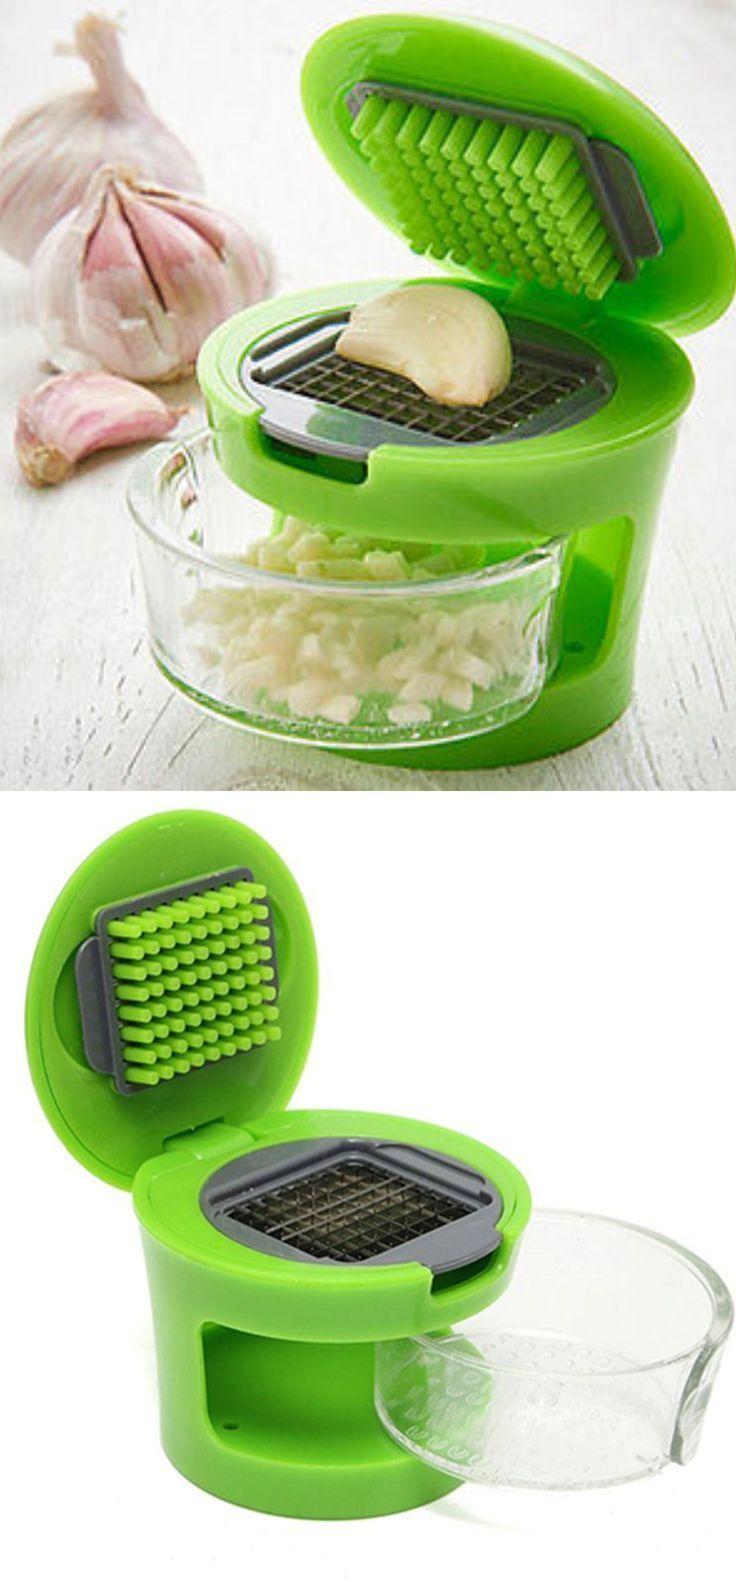 Coolest Kitchen Gadgets Must Have Useful Unique Kitchen Gadgets